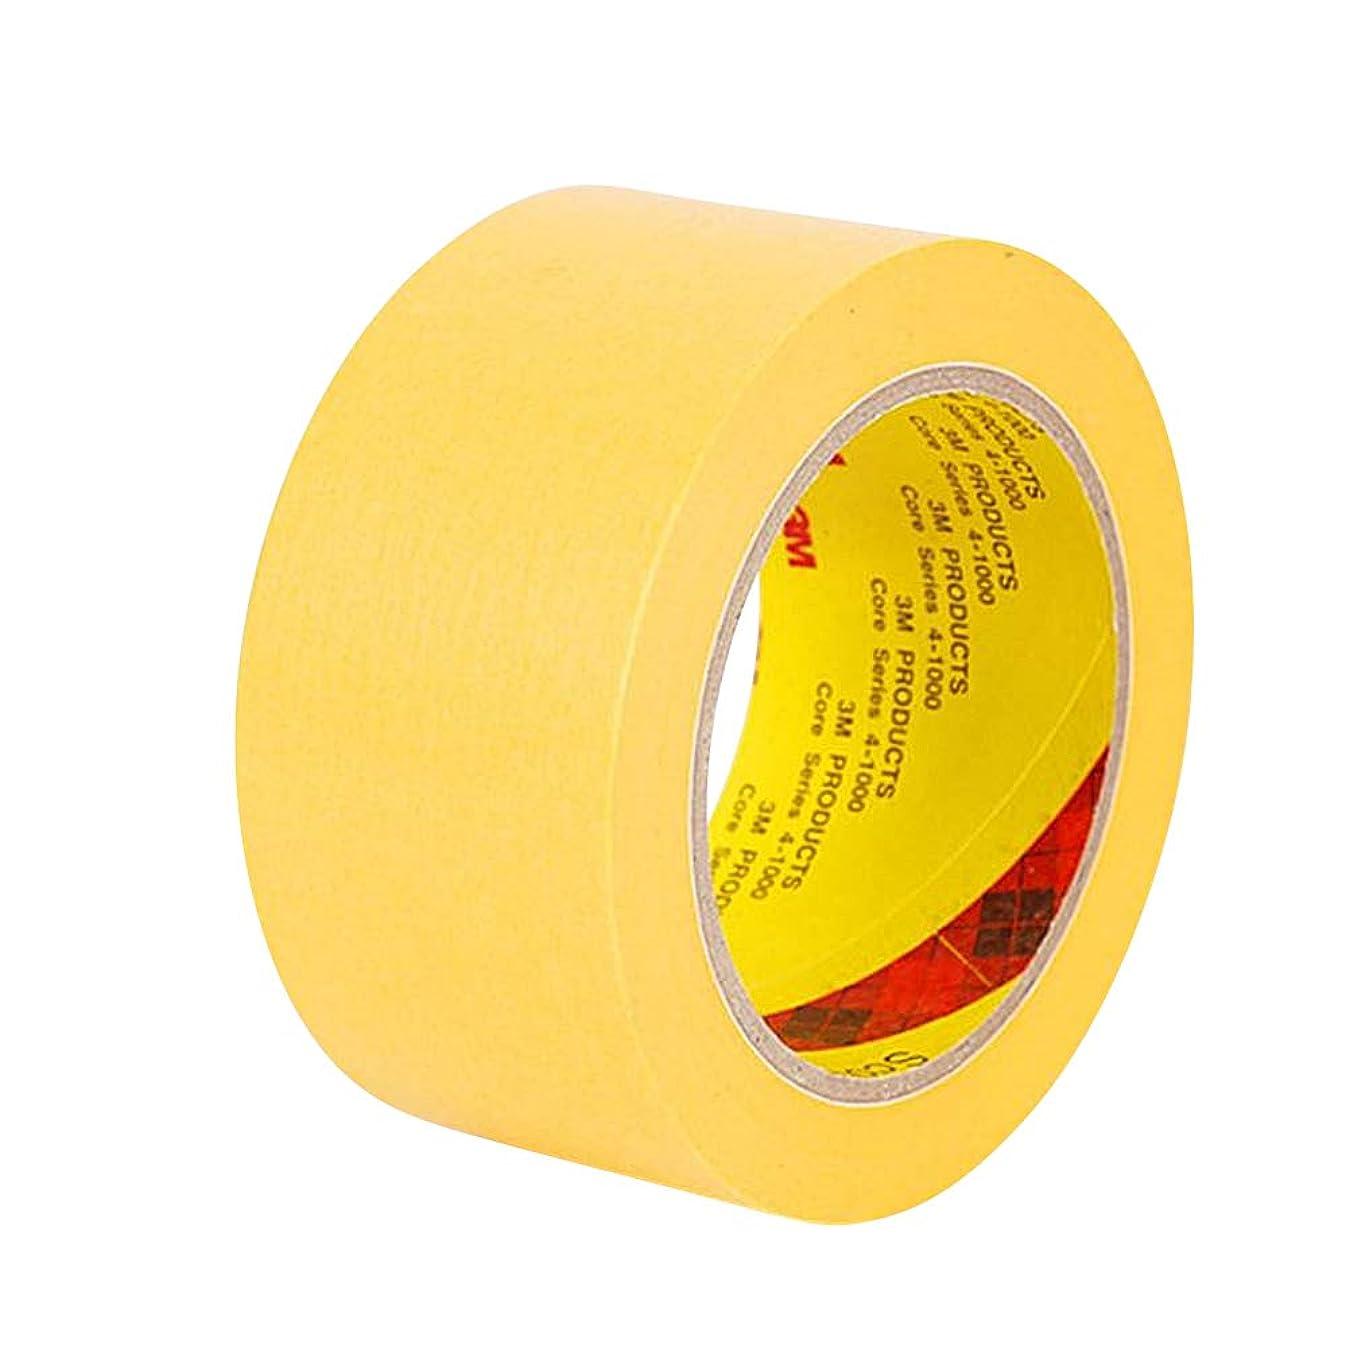 不満グレー原理3?M Bestマスキングテープ自己_ペイント、テープ、ドレープpre-tapedマスキングフィルム( 65.6フィート) Refinished Masking tape 43.7 Yd (1.89 In)